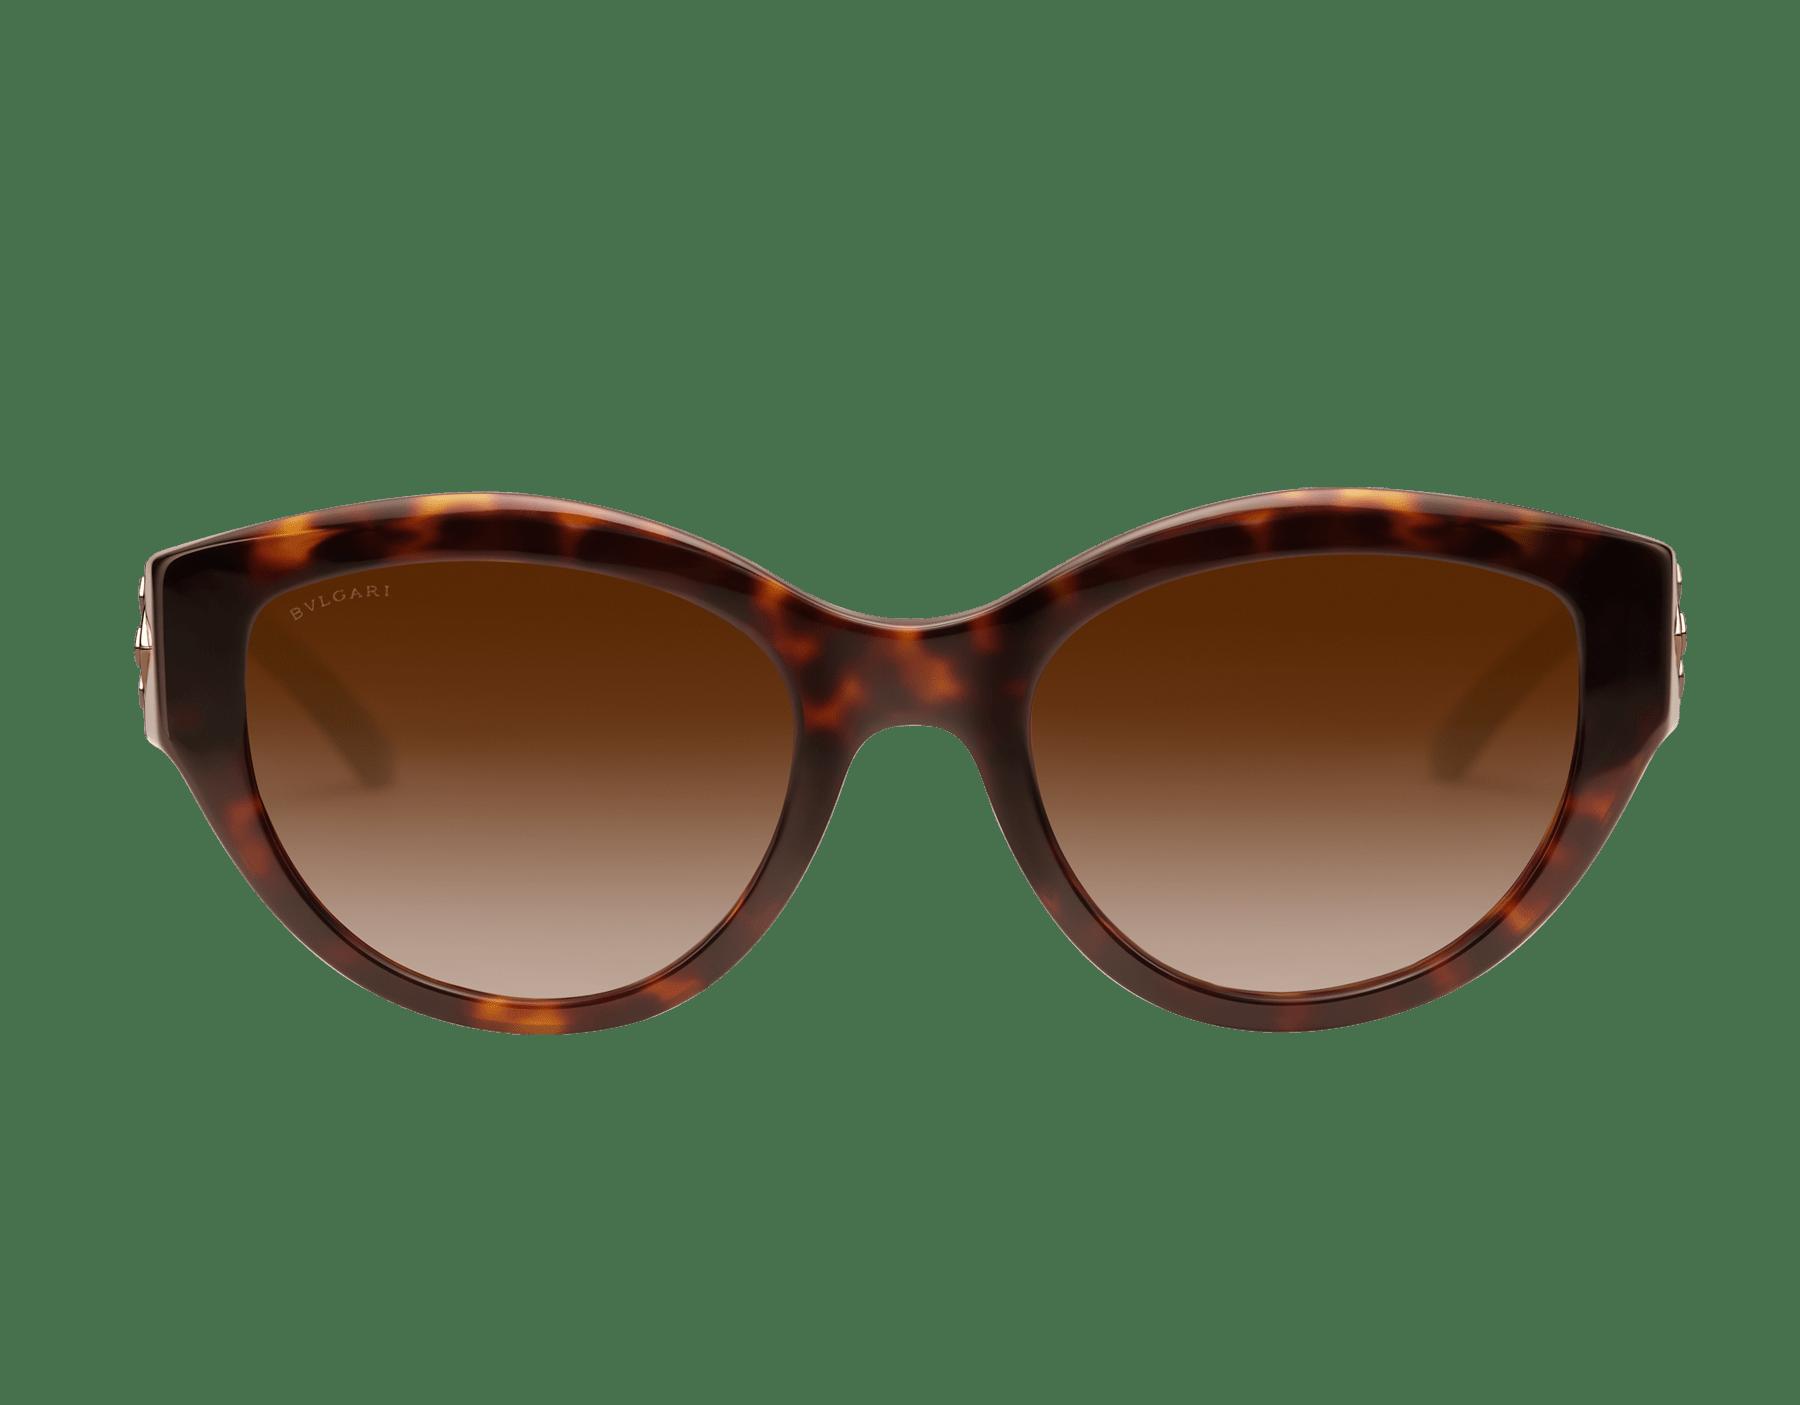 Serpenti brown 貓眼醋酸纖維太陽眼鏡,Serpenti 金屬元素飾以水晶。。 903846 image 2